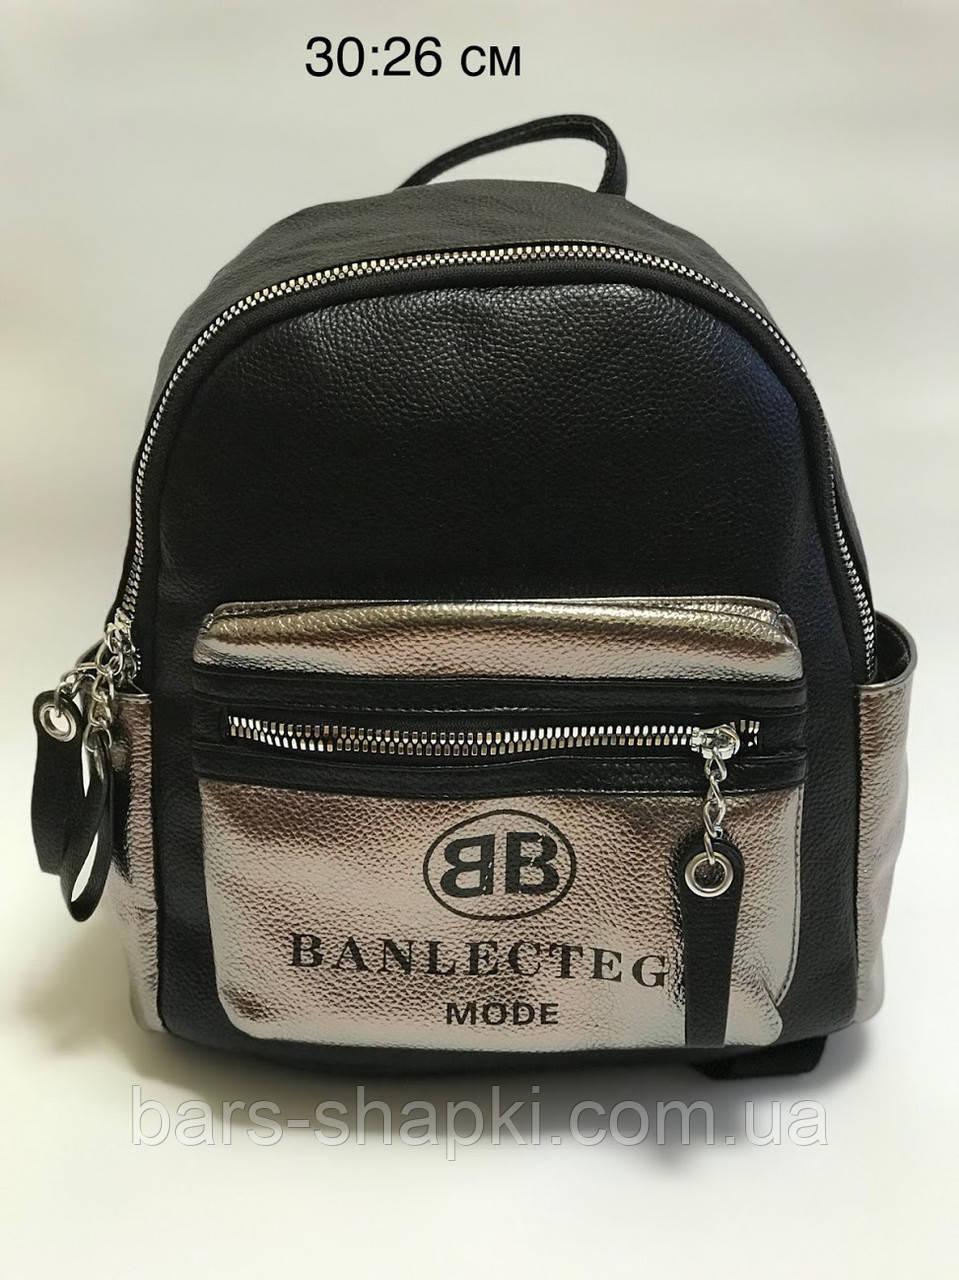 Качественный городской рюкзак с подкладкой. Размер 30:26 см. Есть опт.